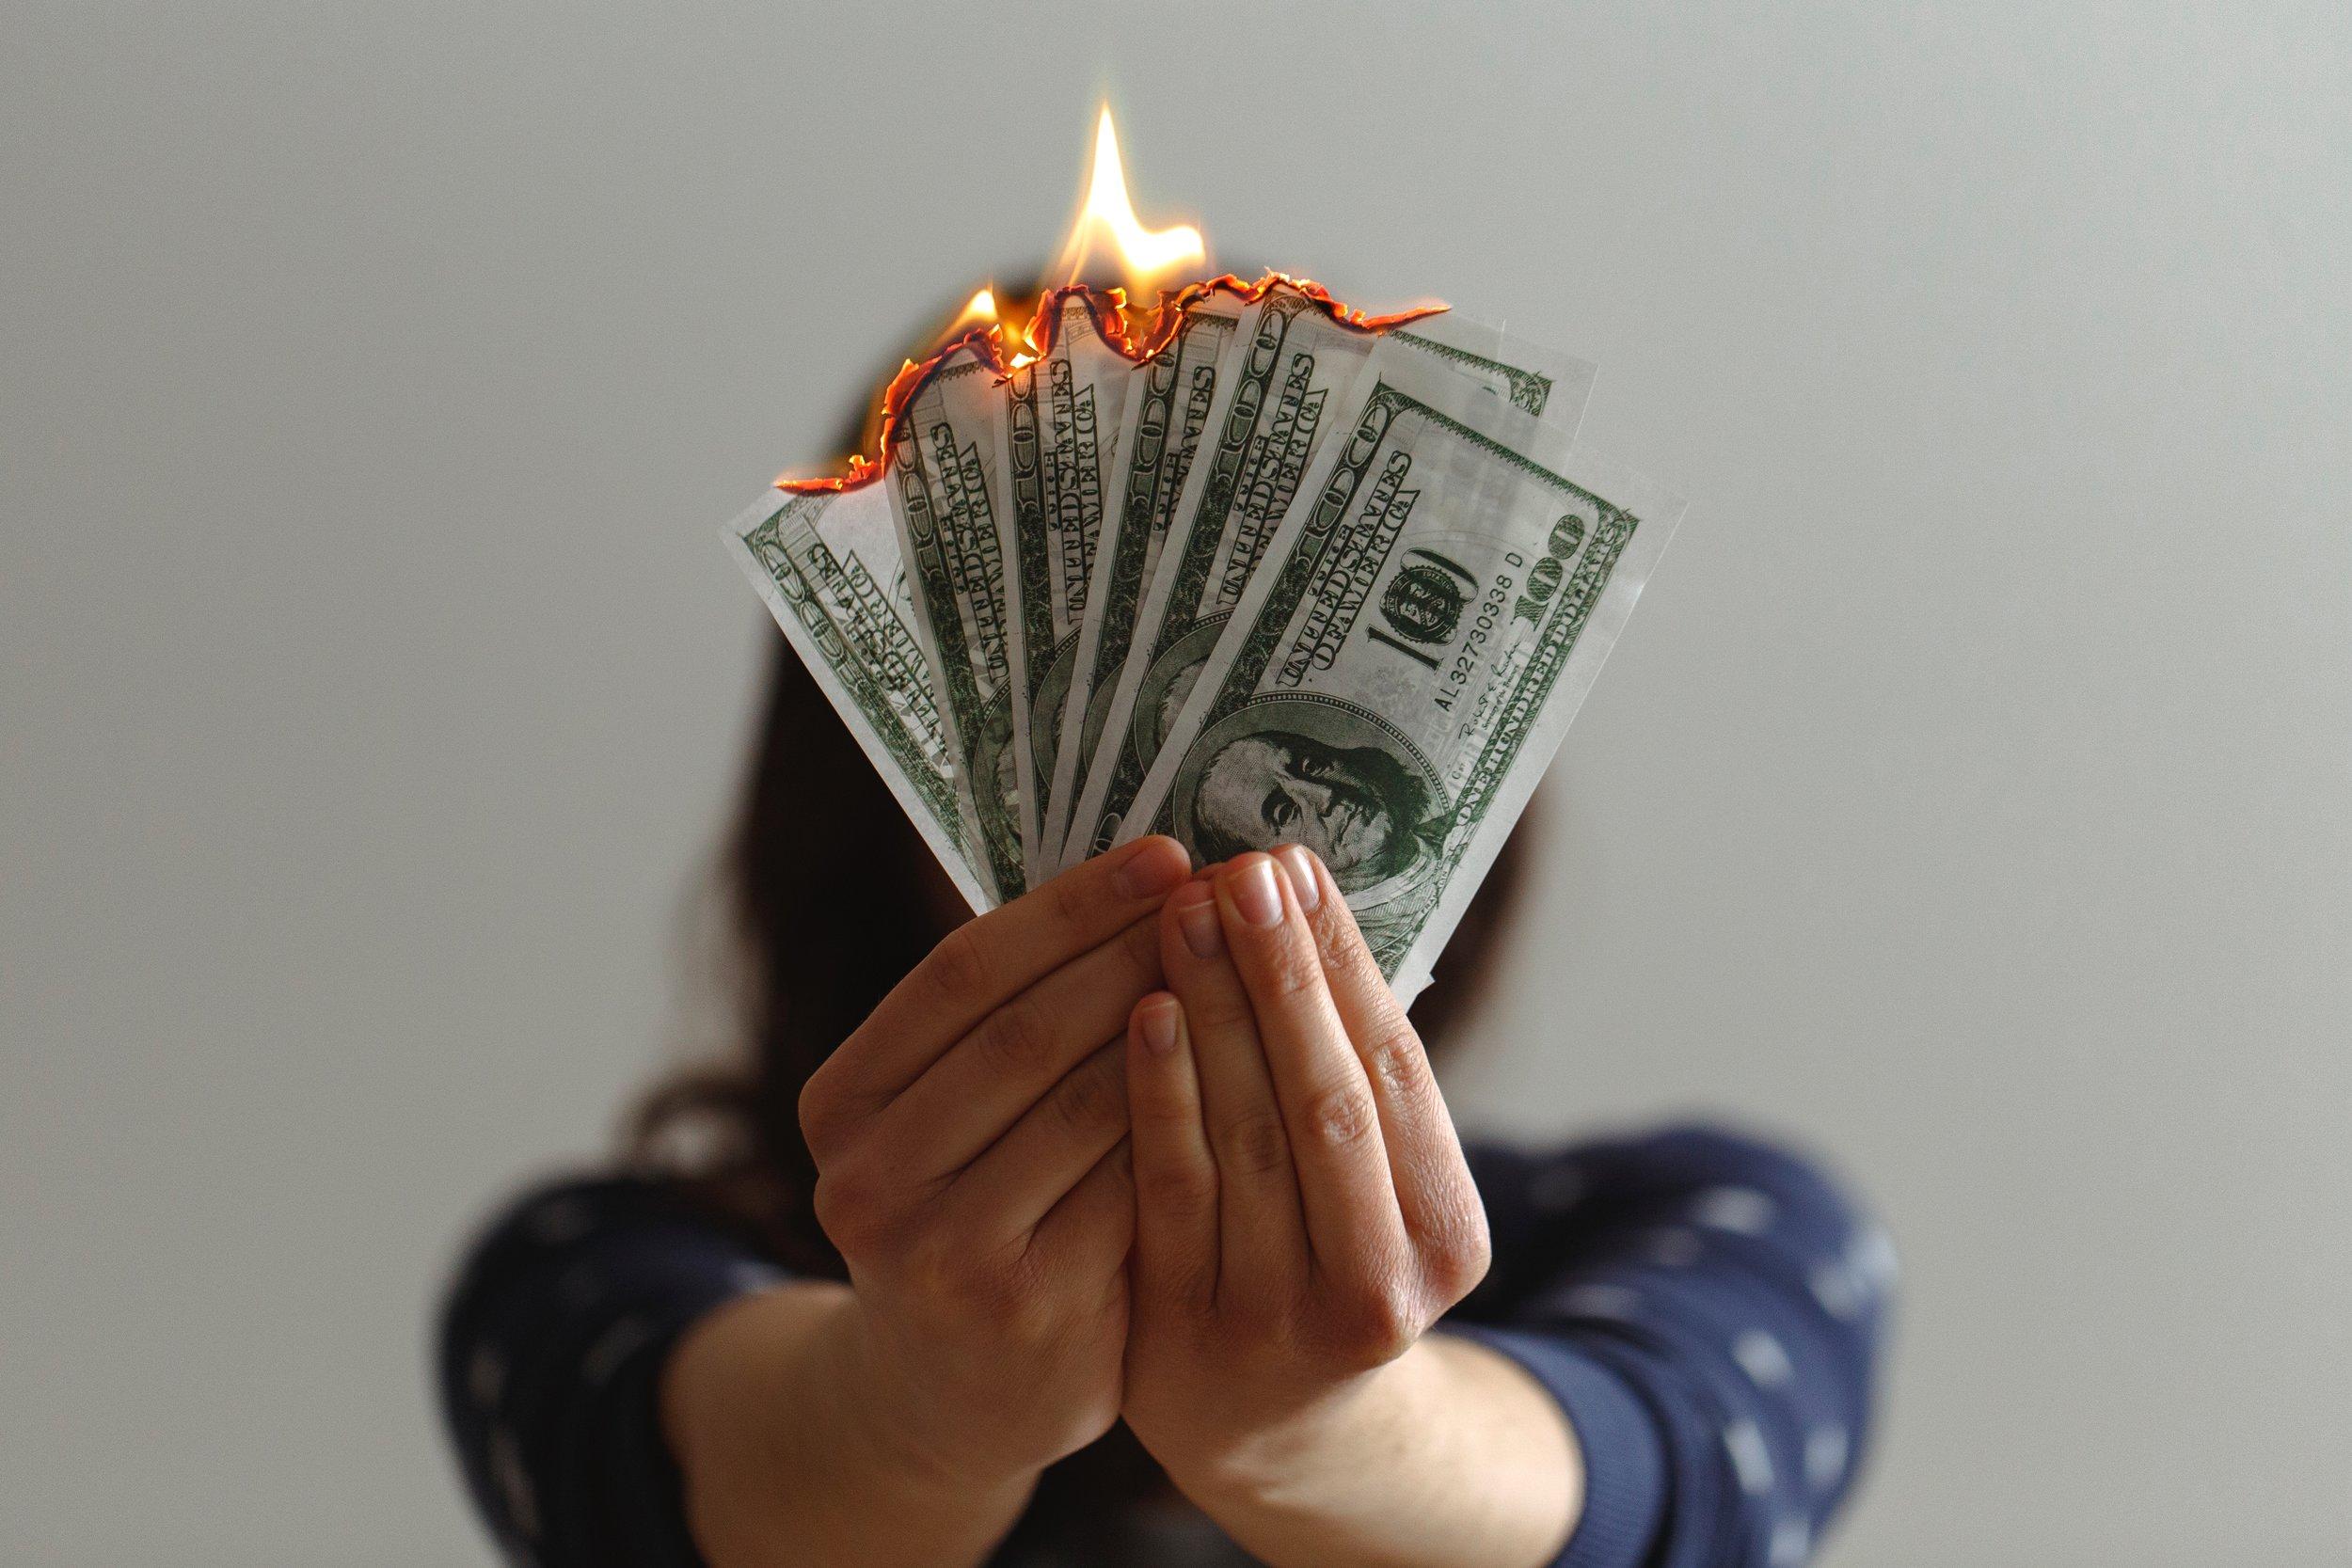 badfinancialadvice-moneymanagement-advicemakingyoupoor-creditcards.jpg